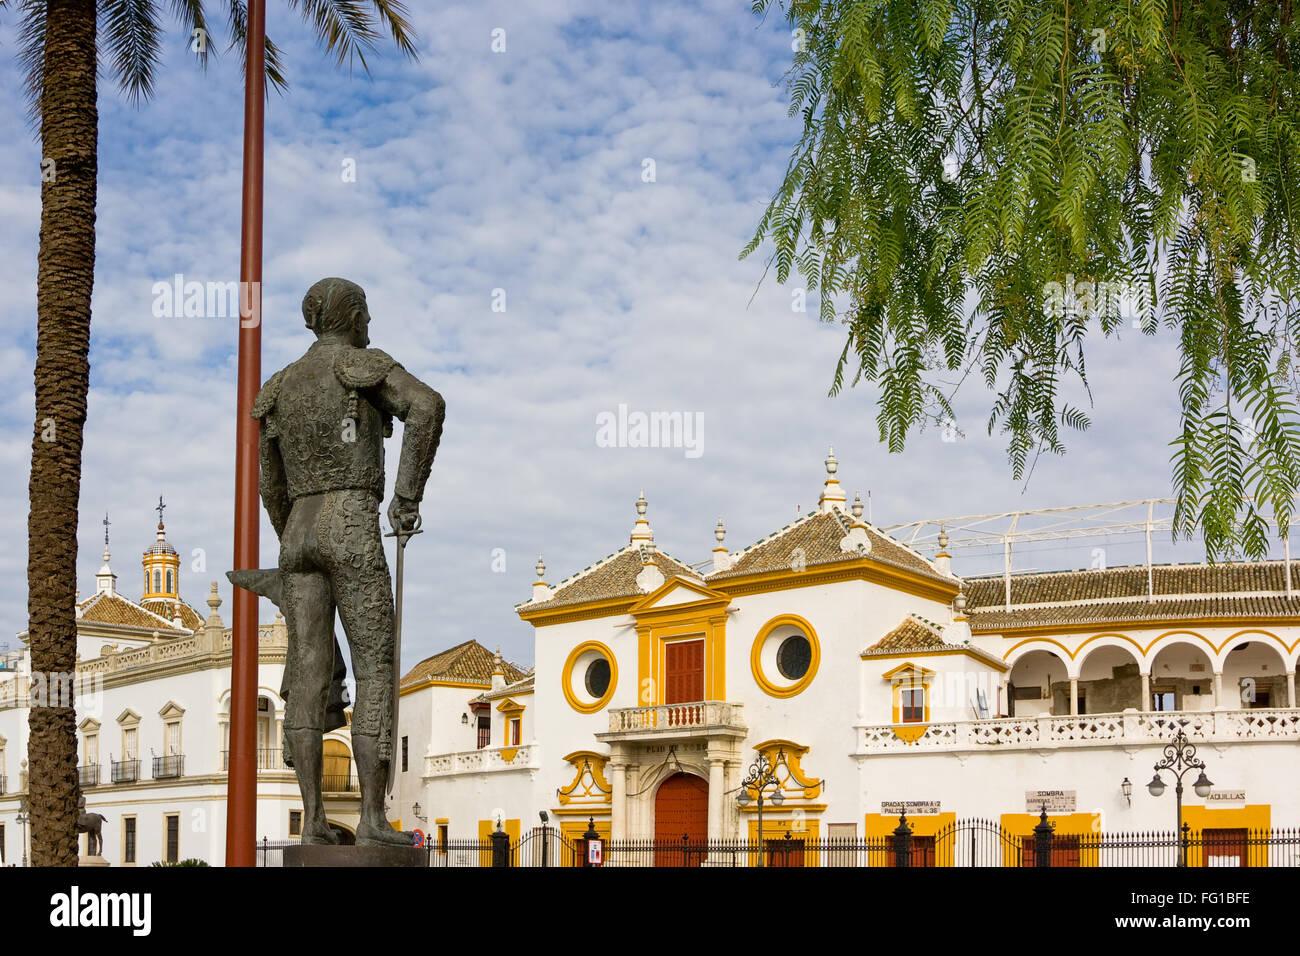 Bronze Statue of matador Pepe Luis Vazquez lloking at the main entrance of plaza de toros de La Real Maestranza - Stock Image